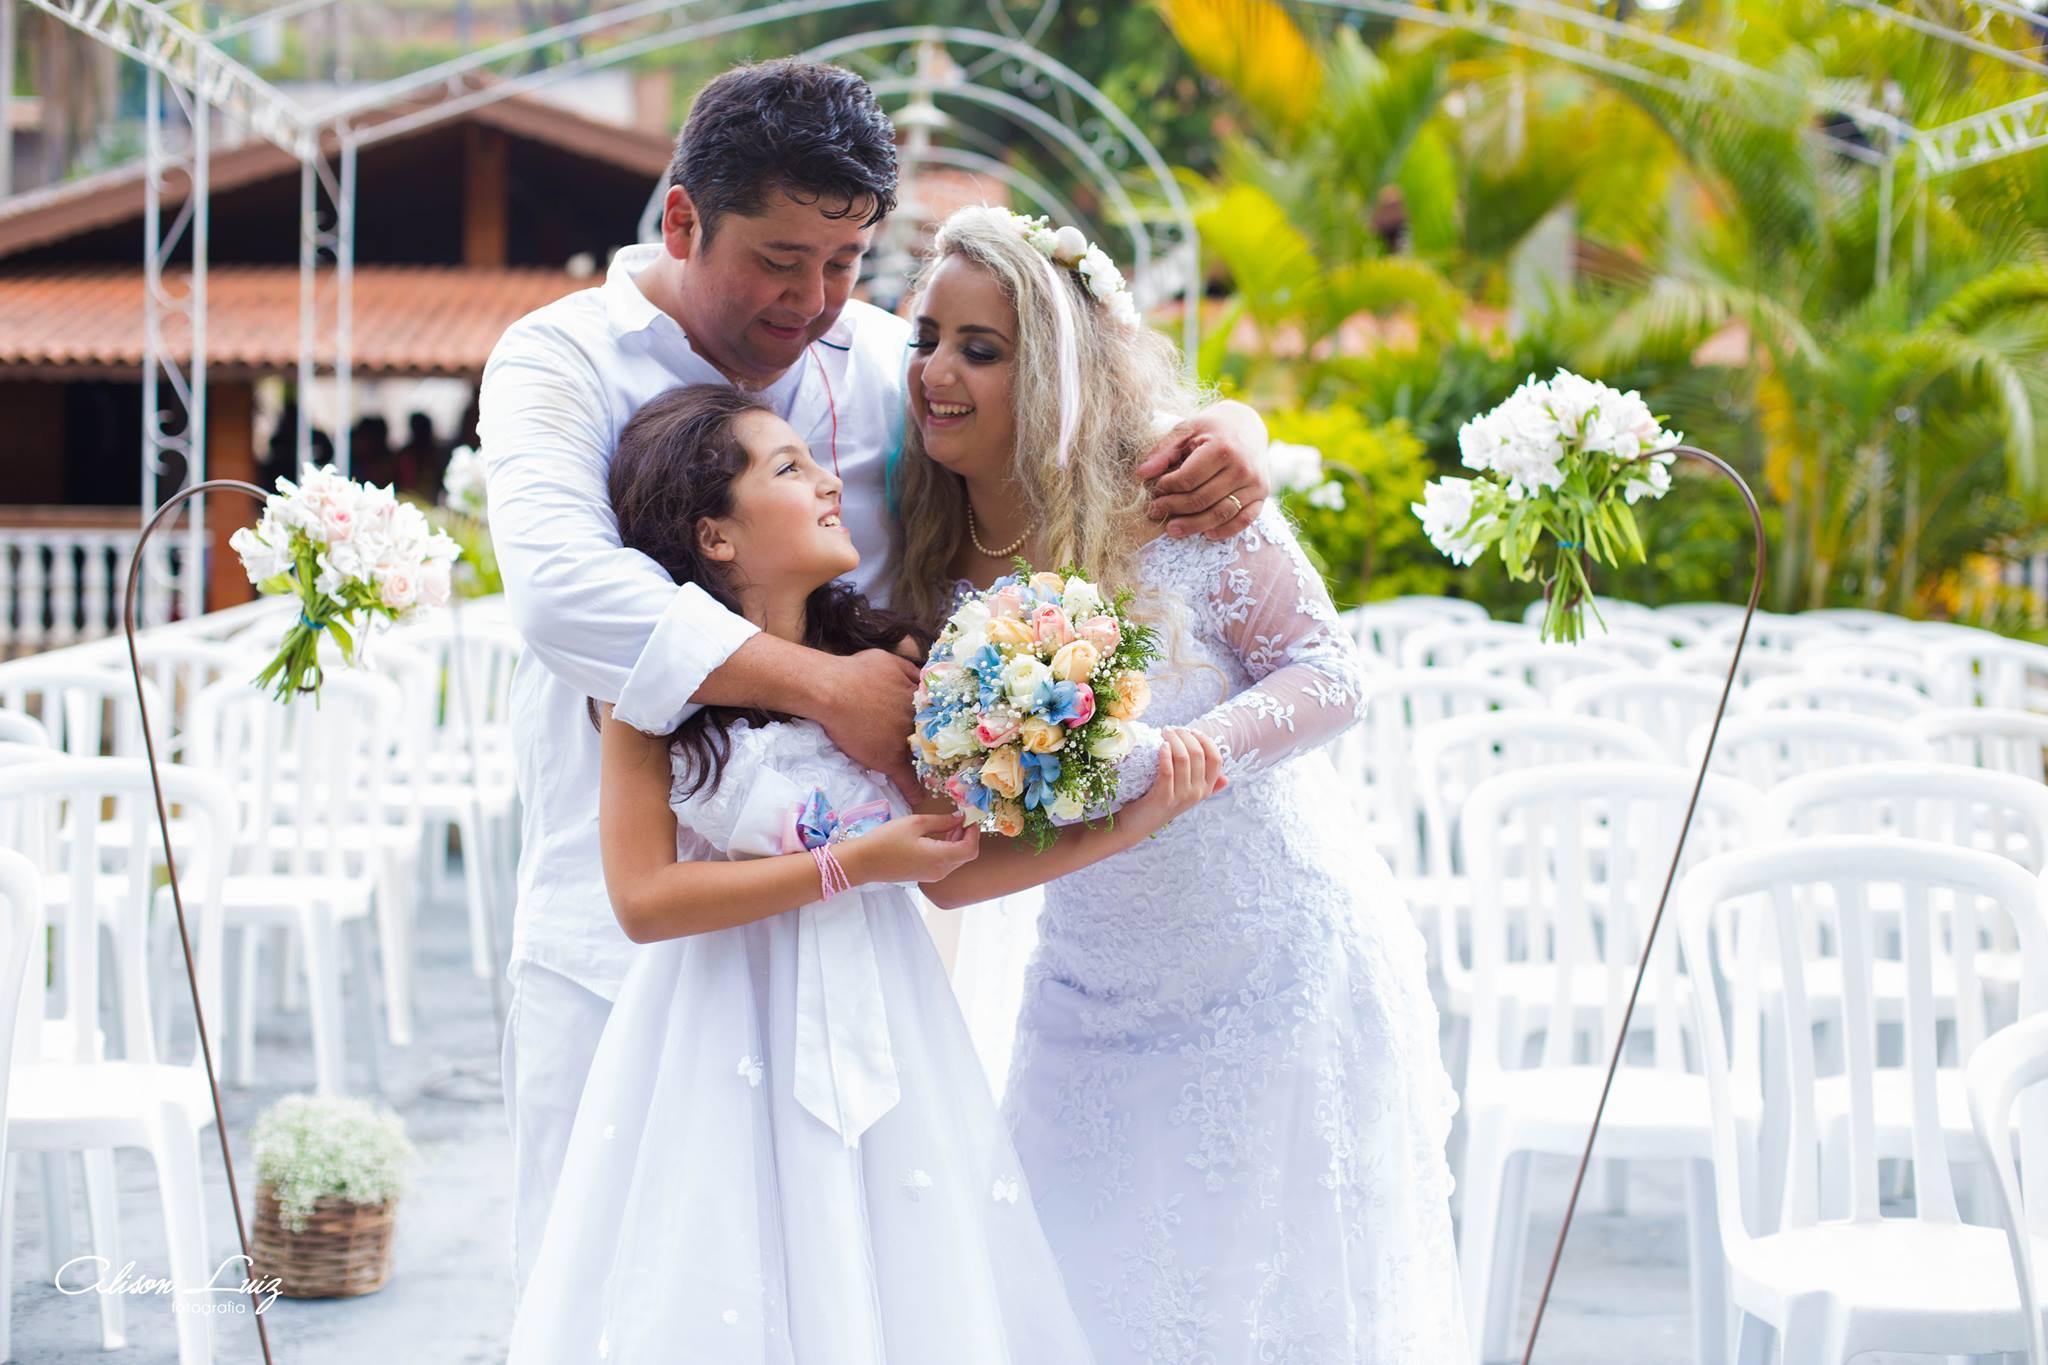 Fotógrafo evangélico registra casamento umbandista e faz lindo relato do que viu 14